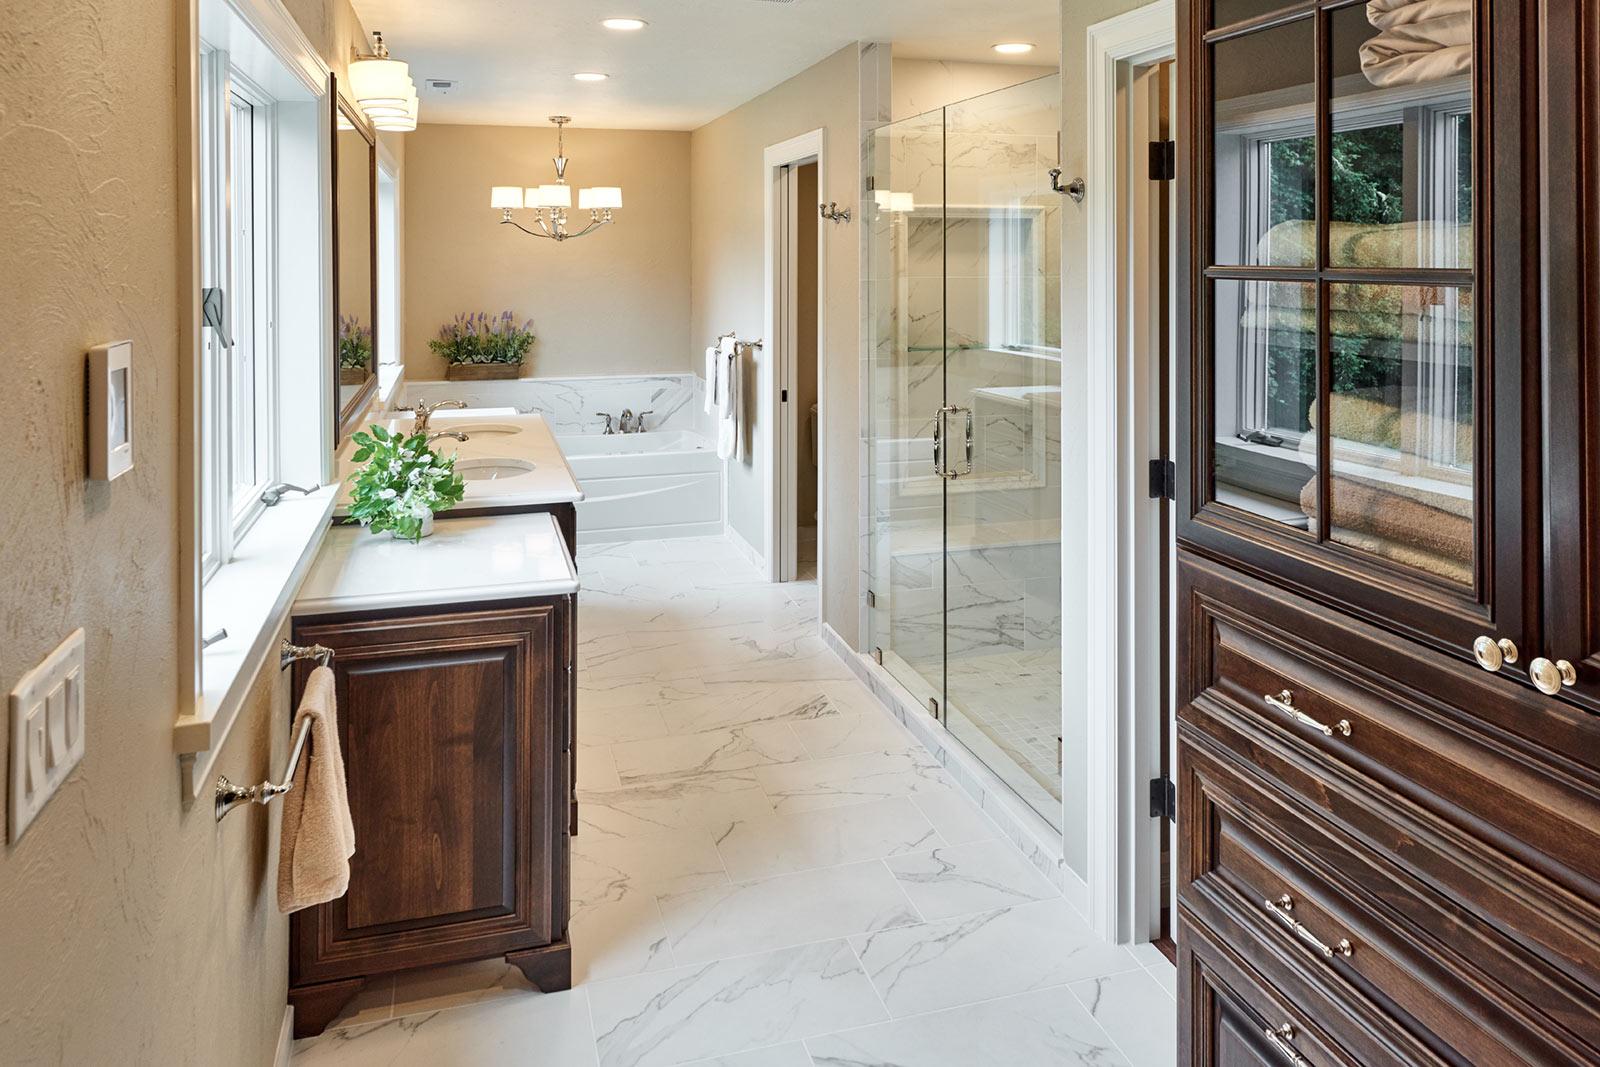 traditional master bathroom remodel - Henderer Design + Build + Remodel